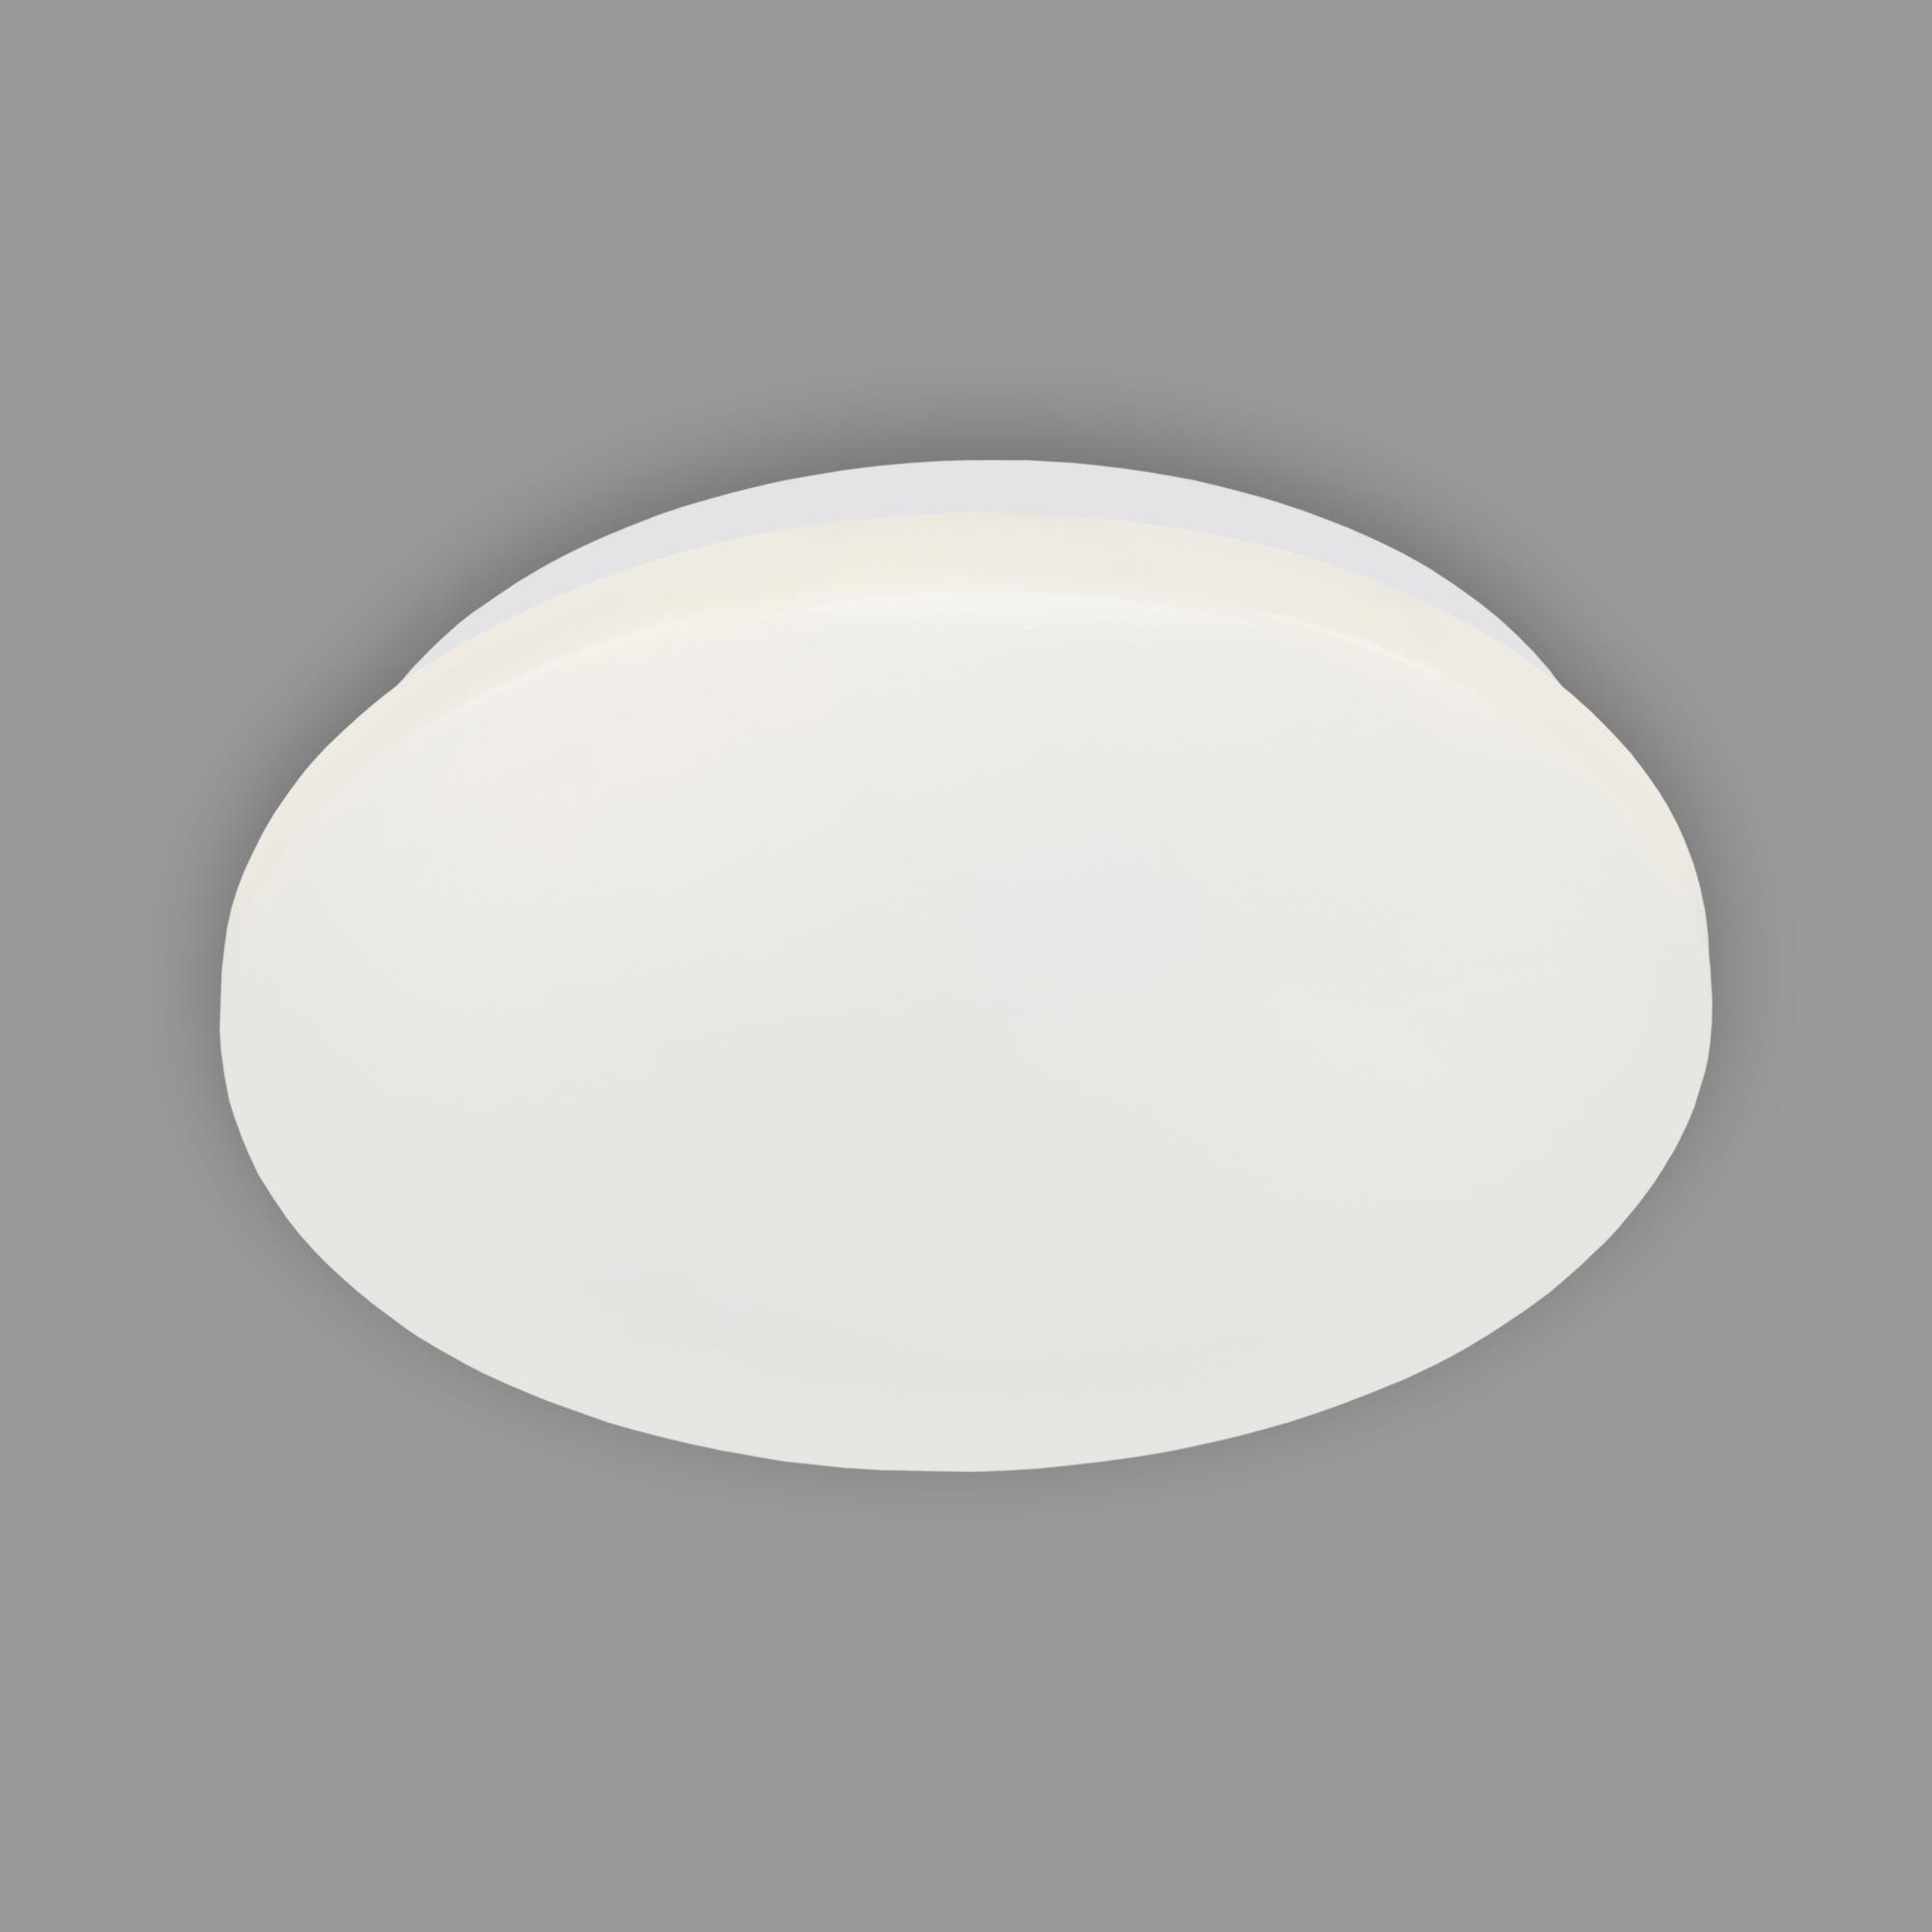 LED Deckenleuchte, Ø 28,8 cm, 12 W, Weiss